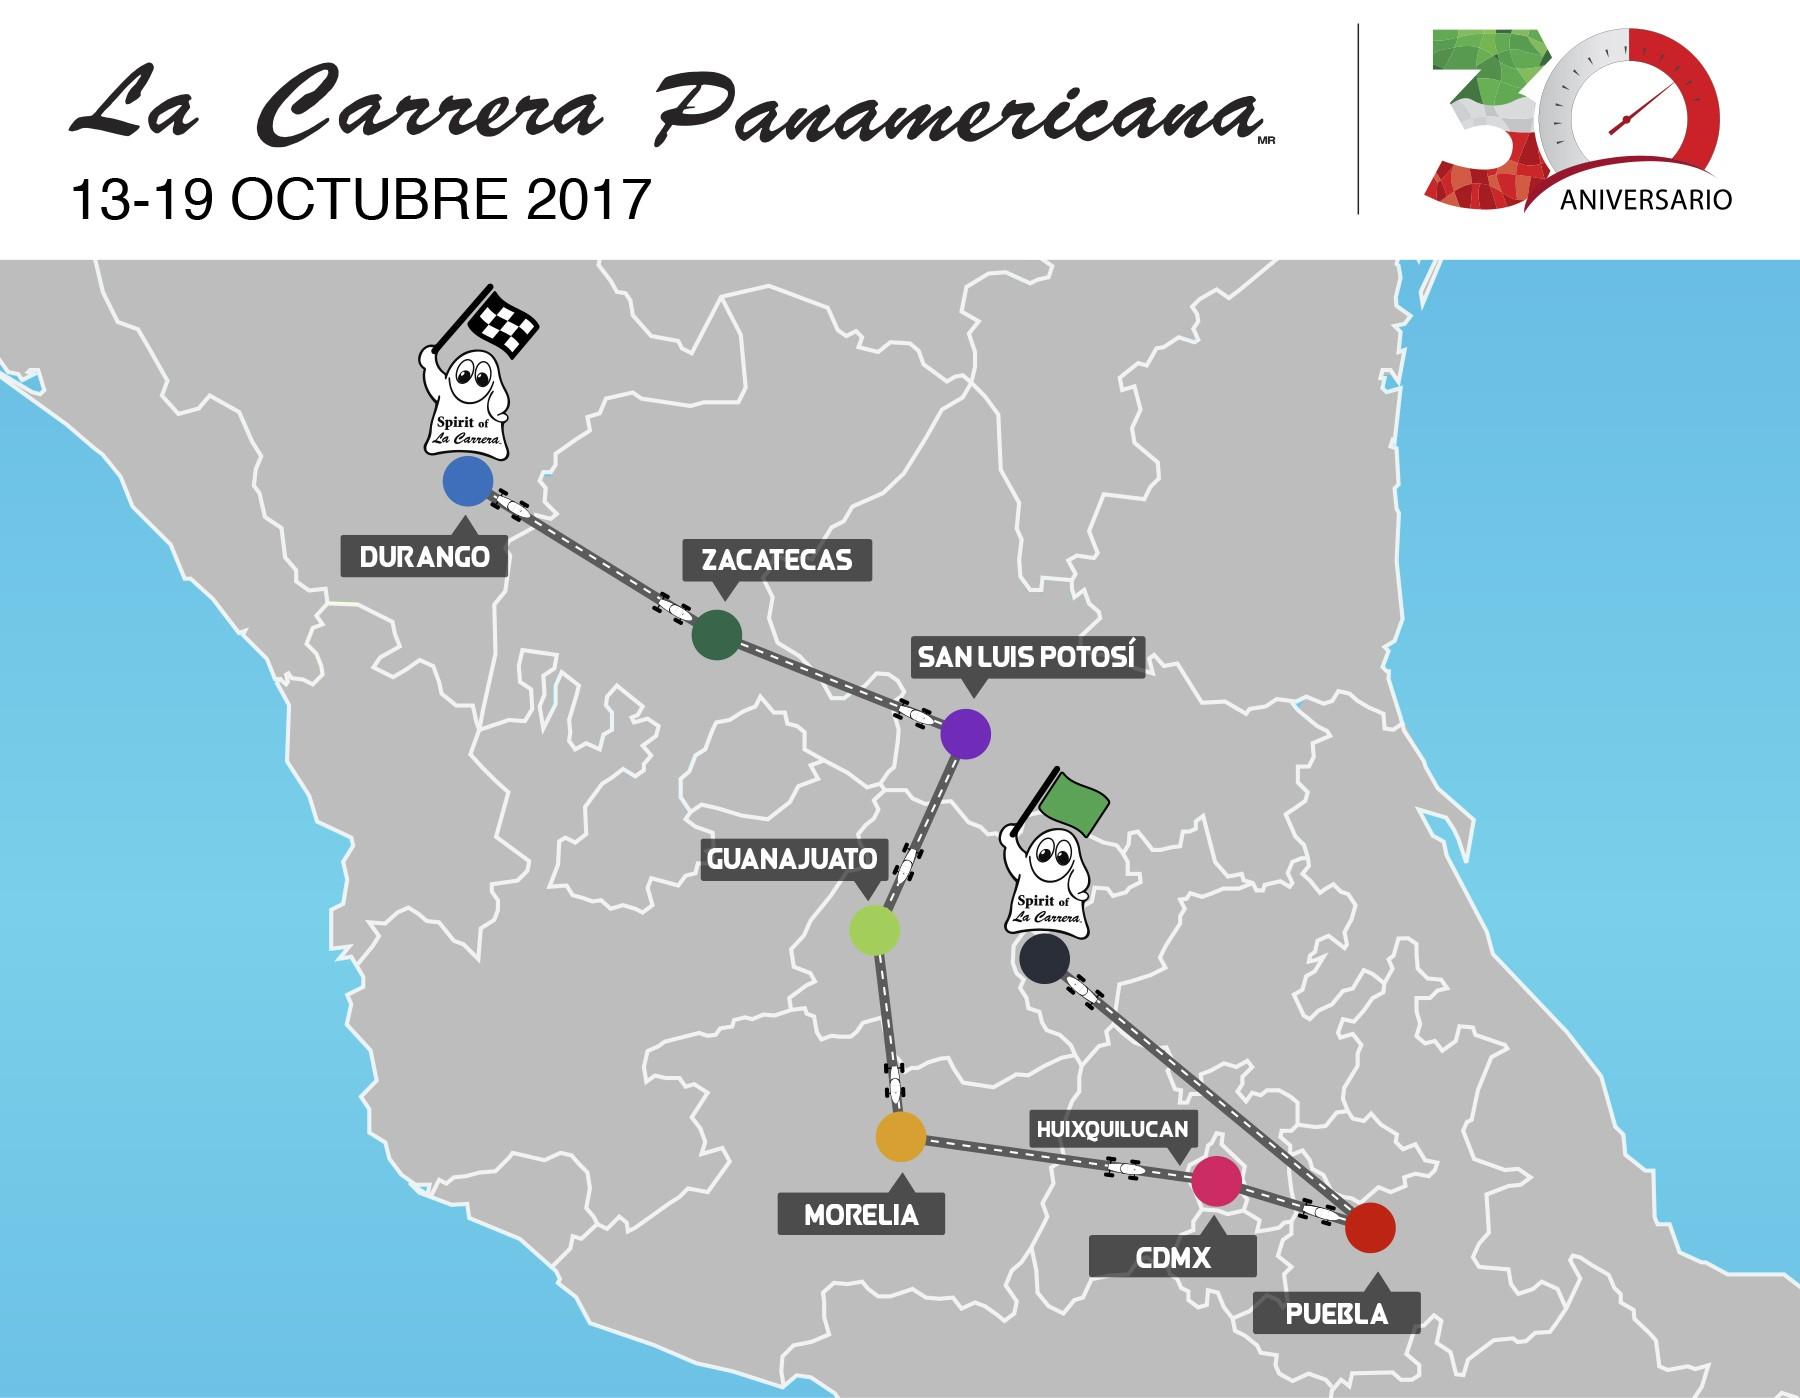 La Carrera Panamericana e sua Rota em 2017 para a edição XXX deste emblemática prova no México atraindo o mundo automobilístico e realizada de 13 a 19 de outubro deste ano. (Foto: Divulgação)